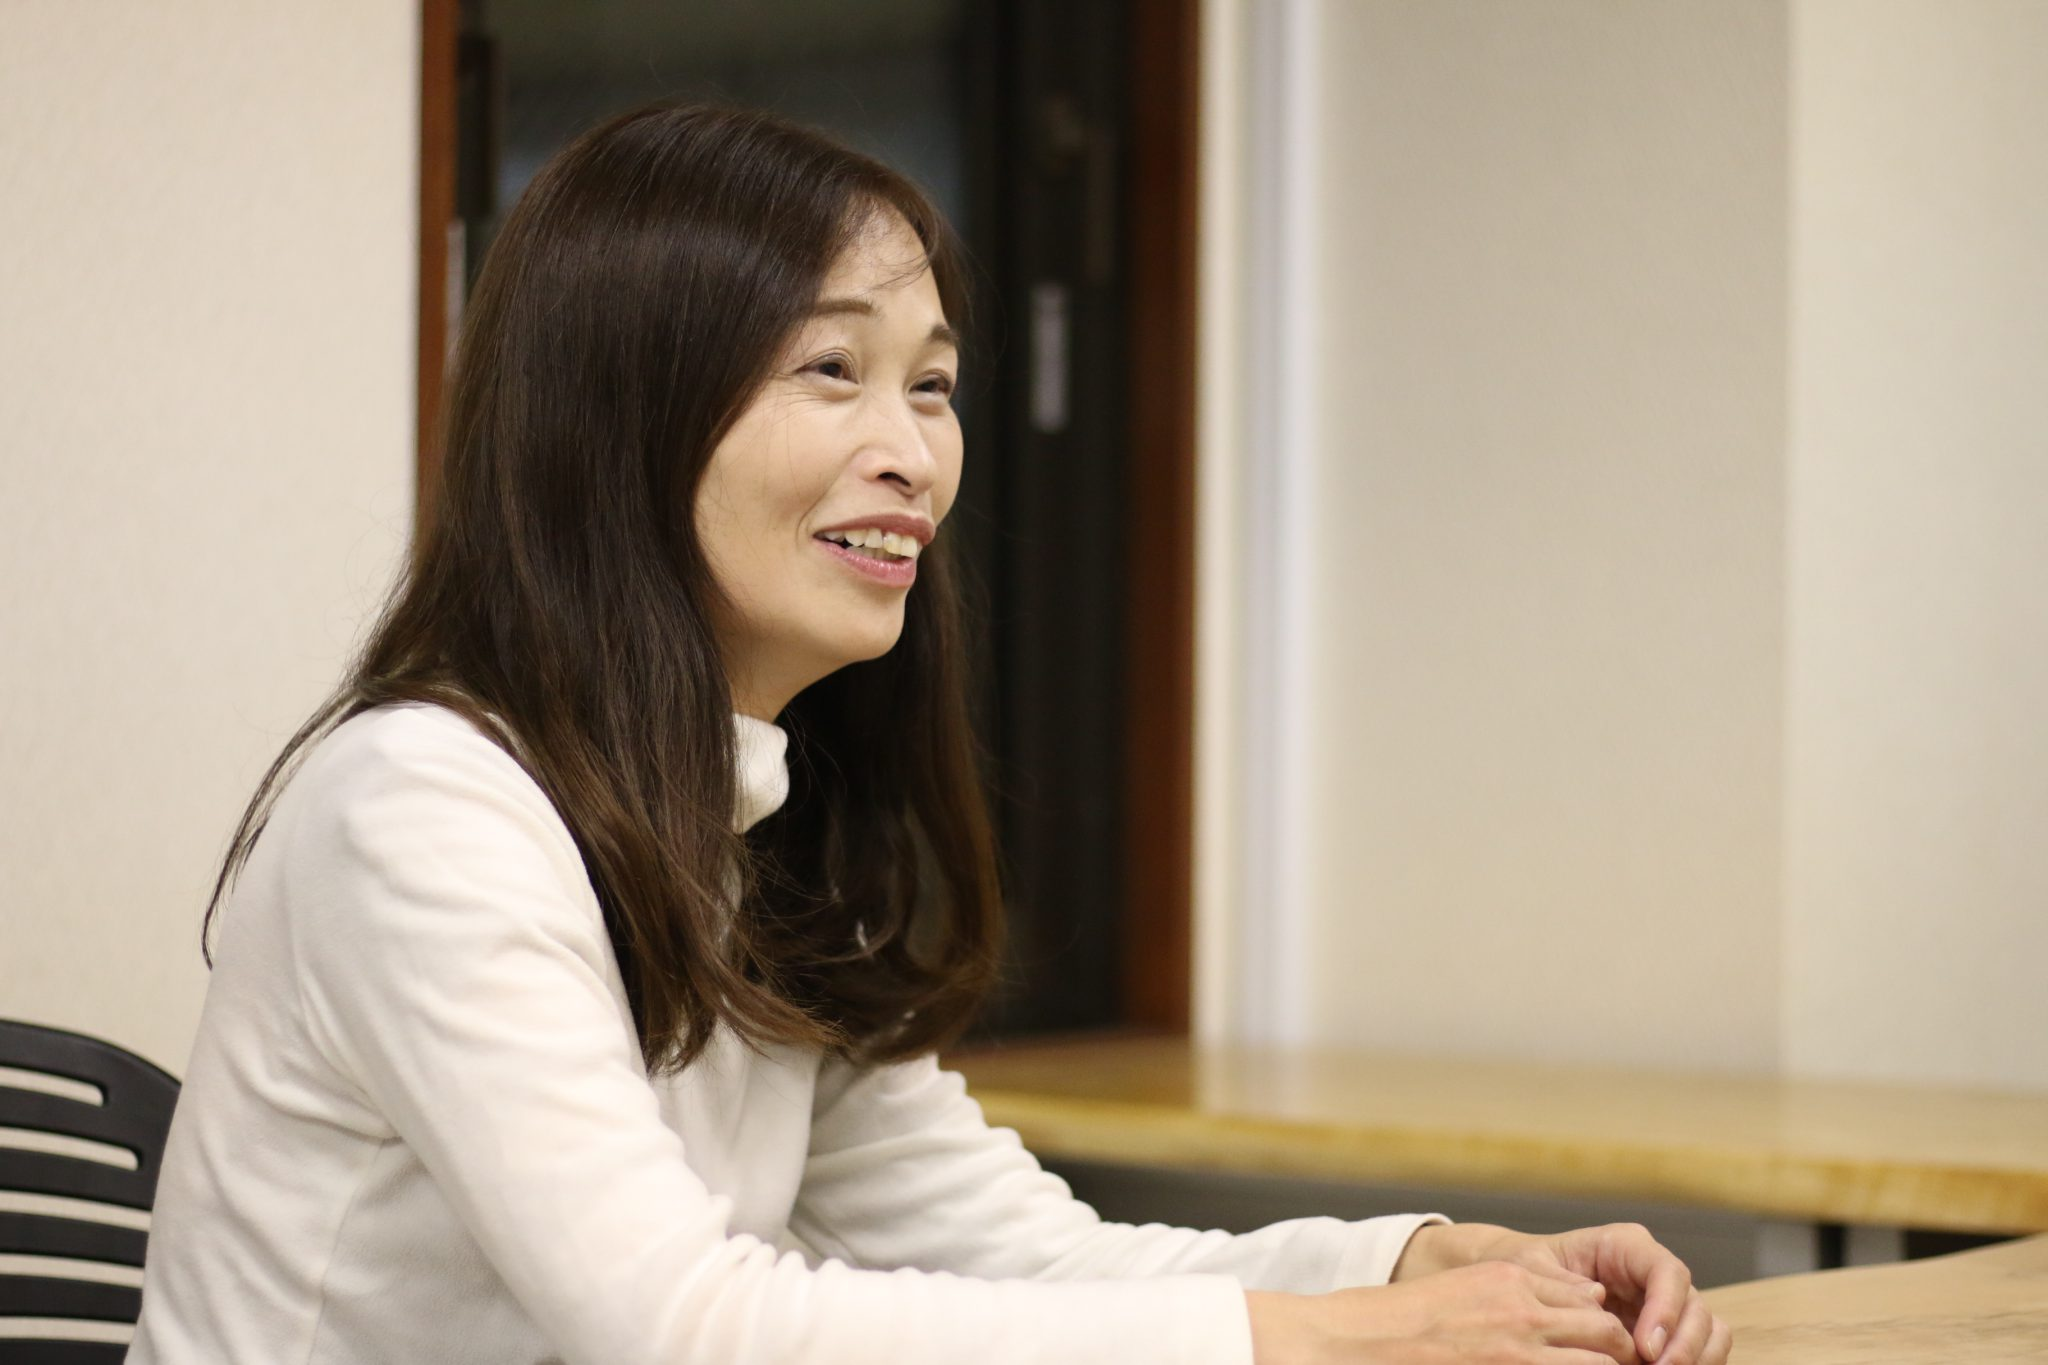 バレエ MAKI先生 インタビュー